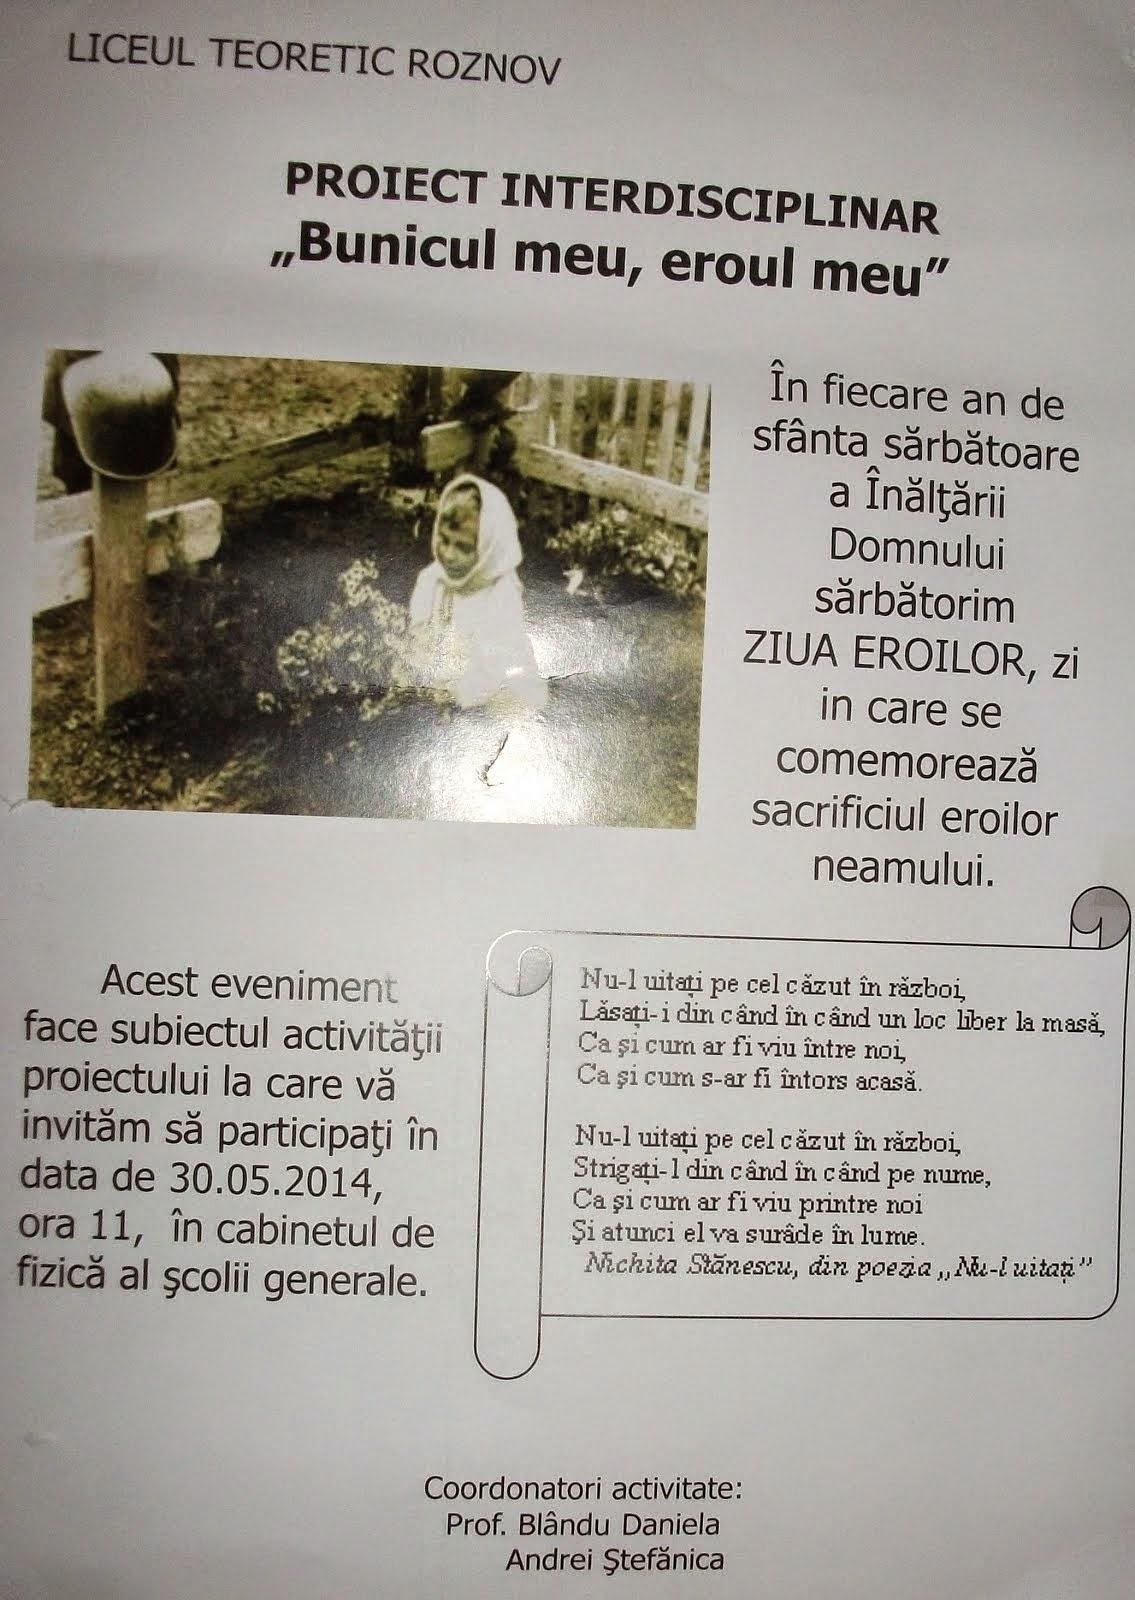 Aspecte de la comemorarea Zilei Eroilor, Roznov, 29 mai 2014...